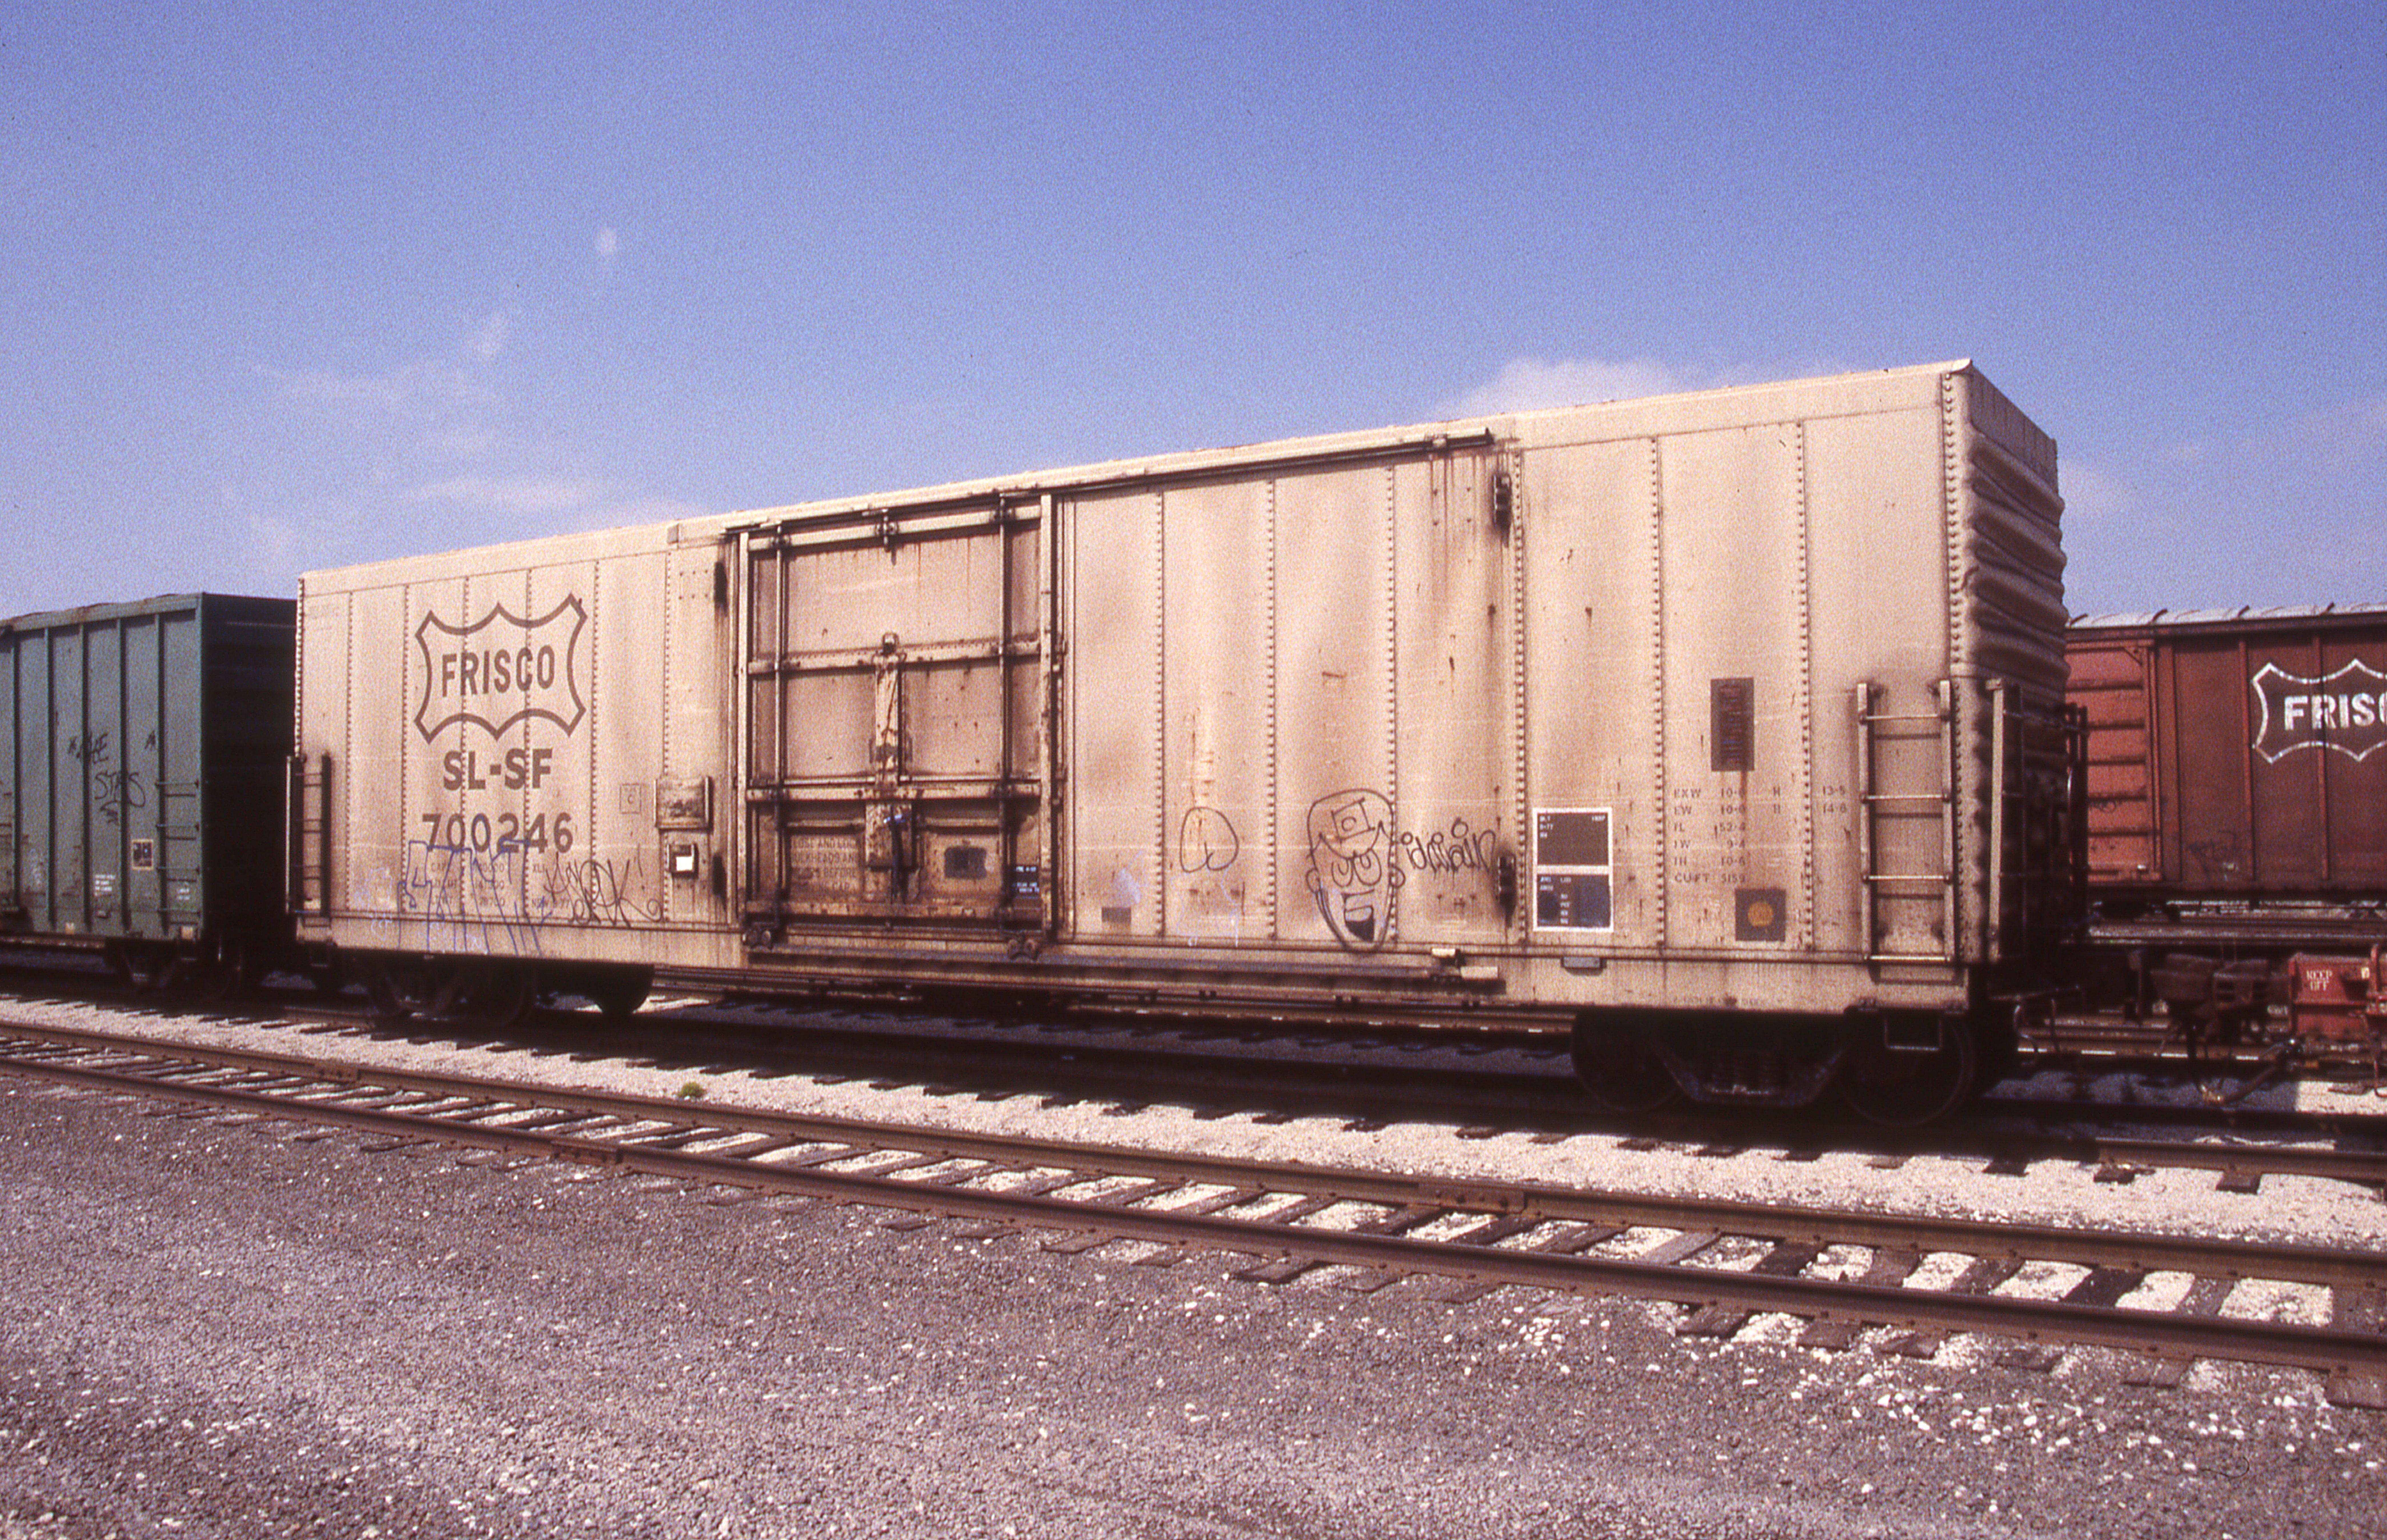 Boxcar 700246 at Topeka, Kansas on April 5, 1998 (R.R. Taylor)